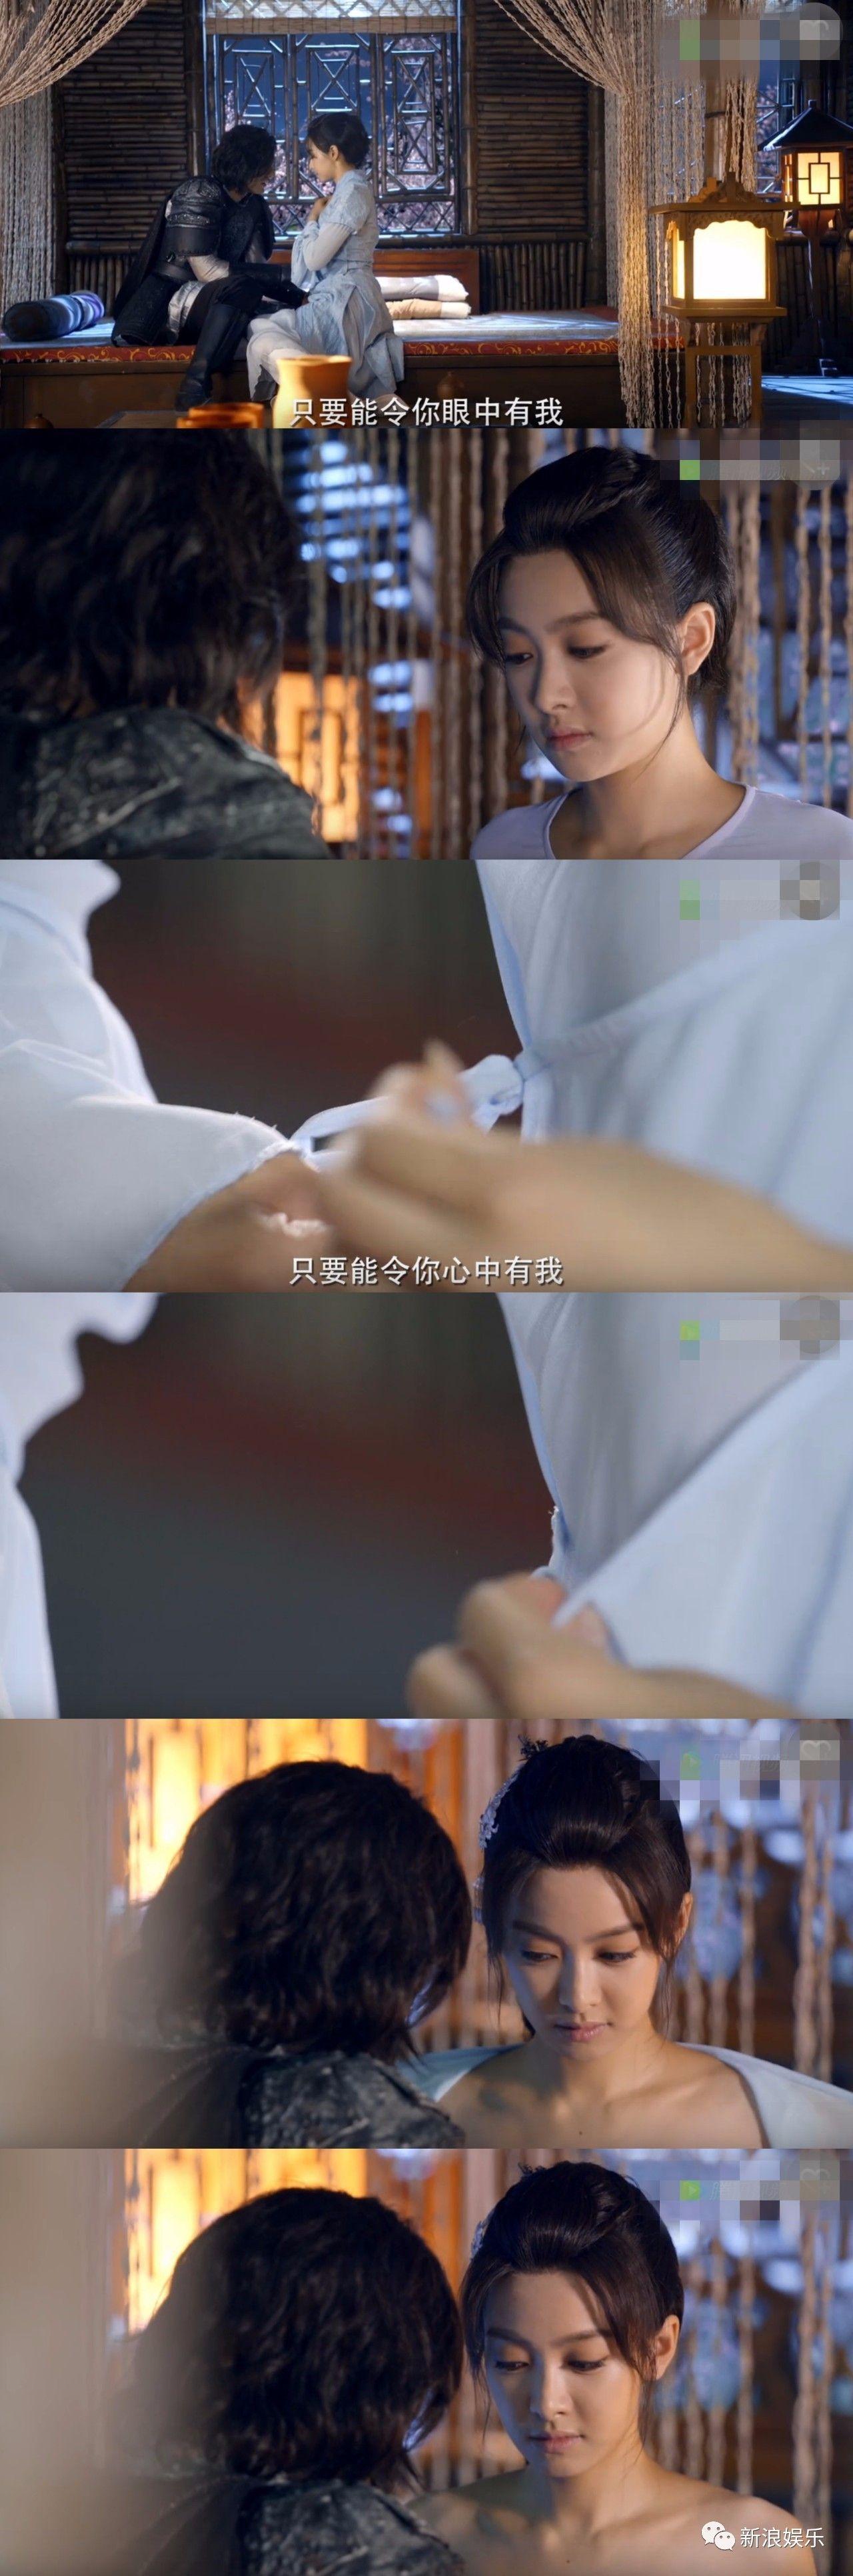 《上古情歌》黄晓明宋茜滚床单 久旱逢甘霖的床单戏 休闲娱乐 第3张